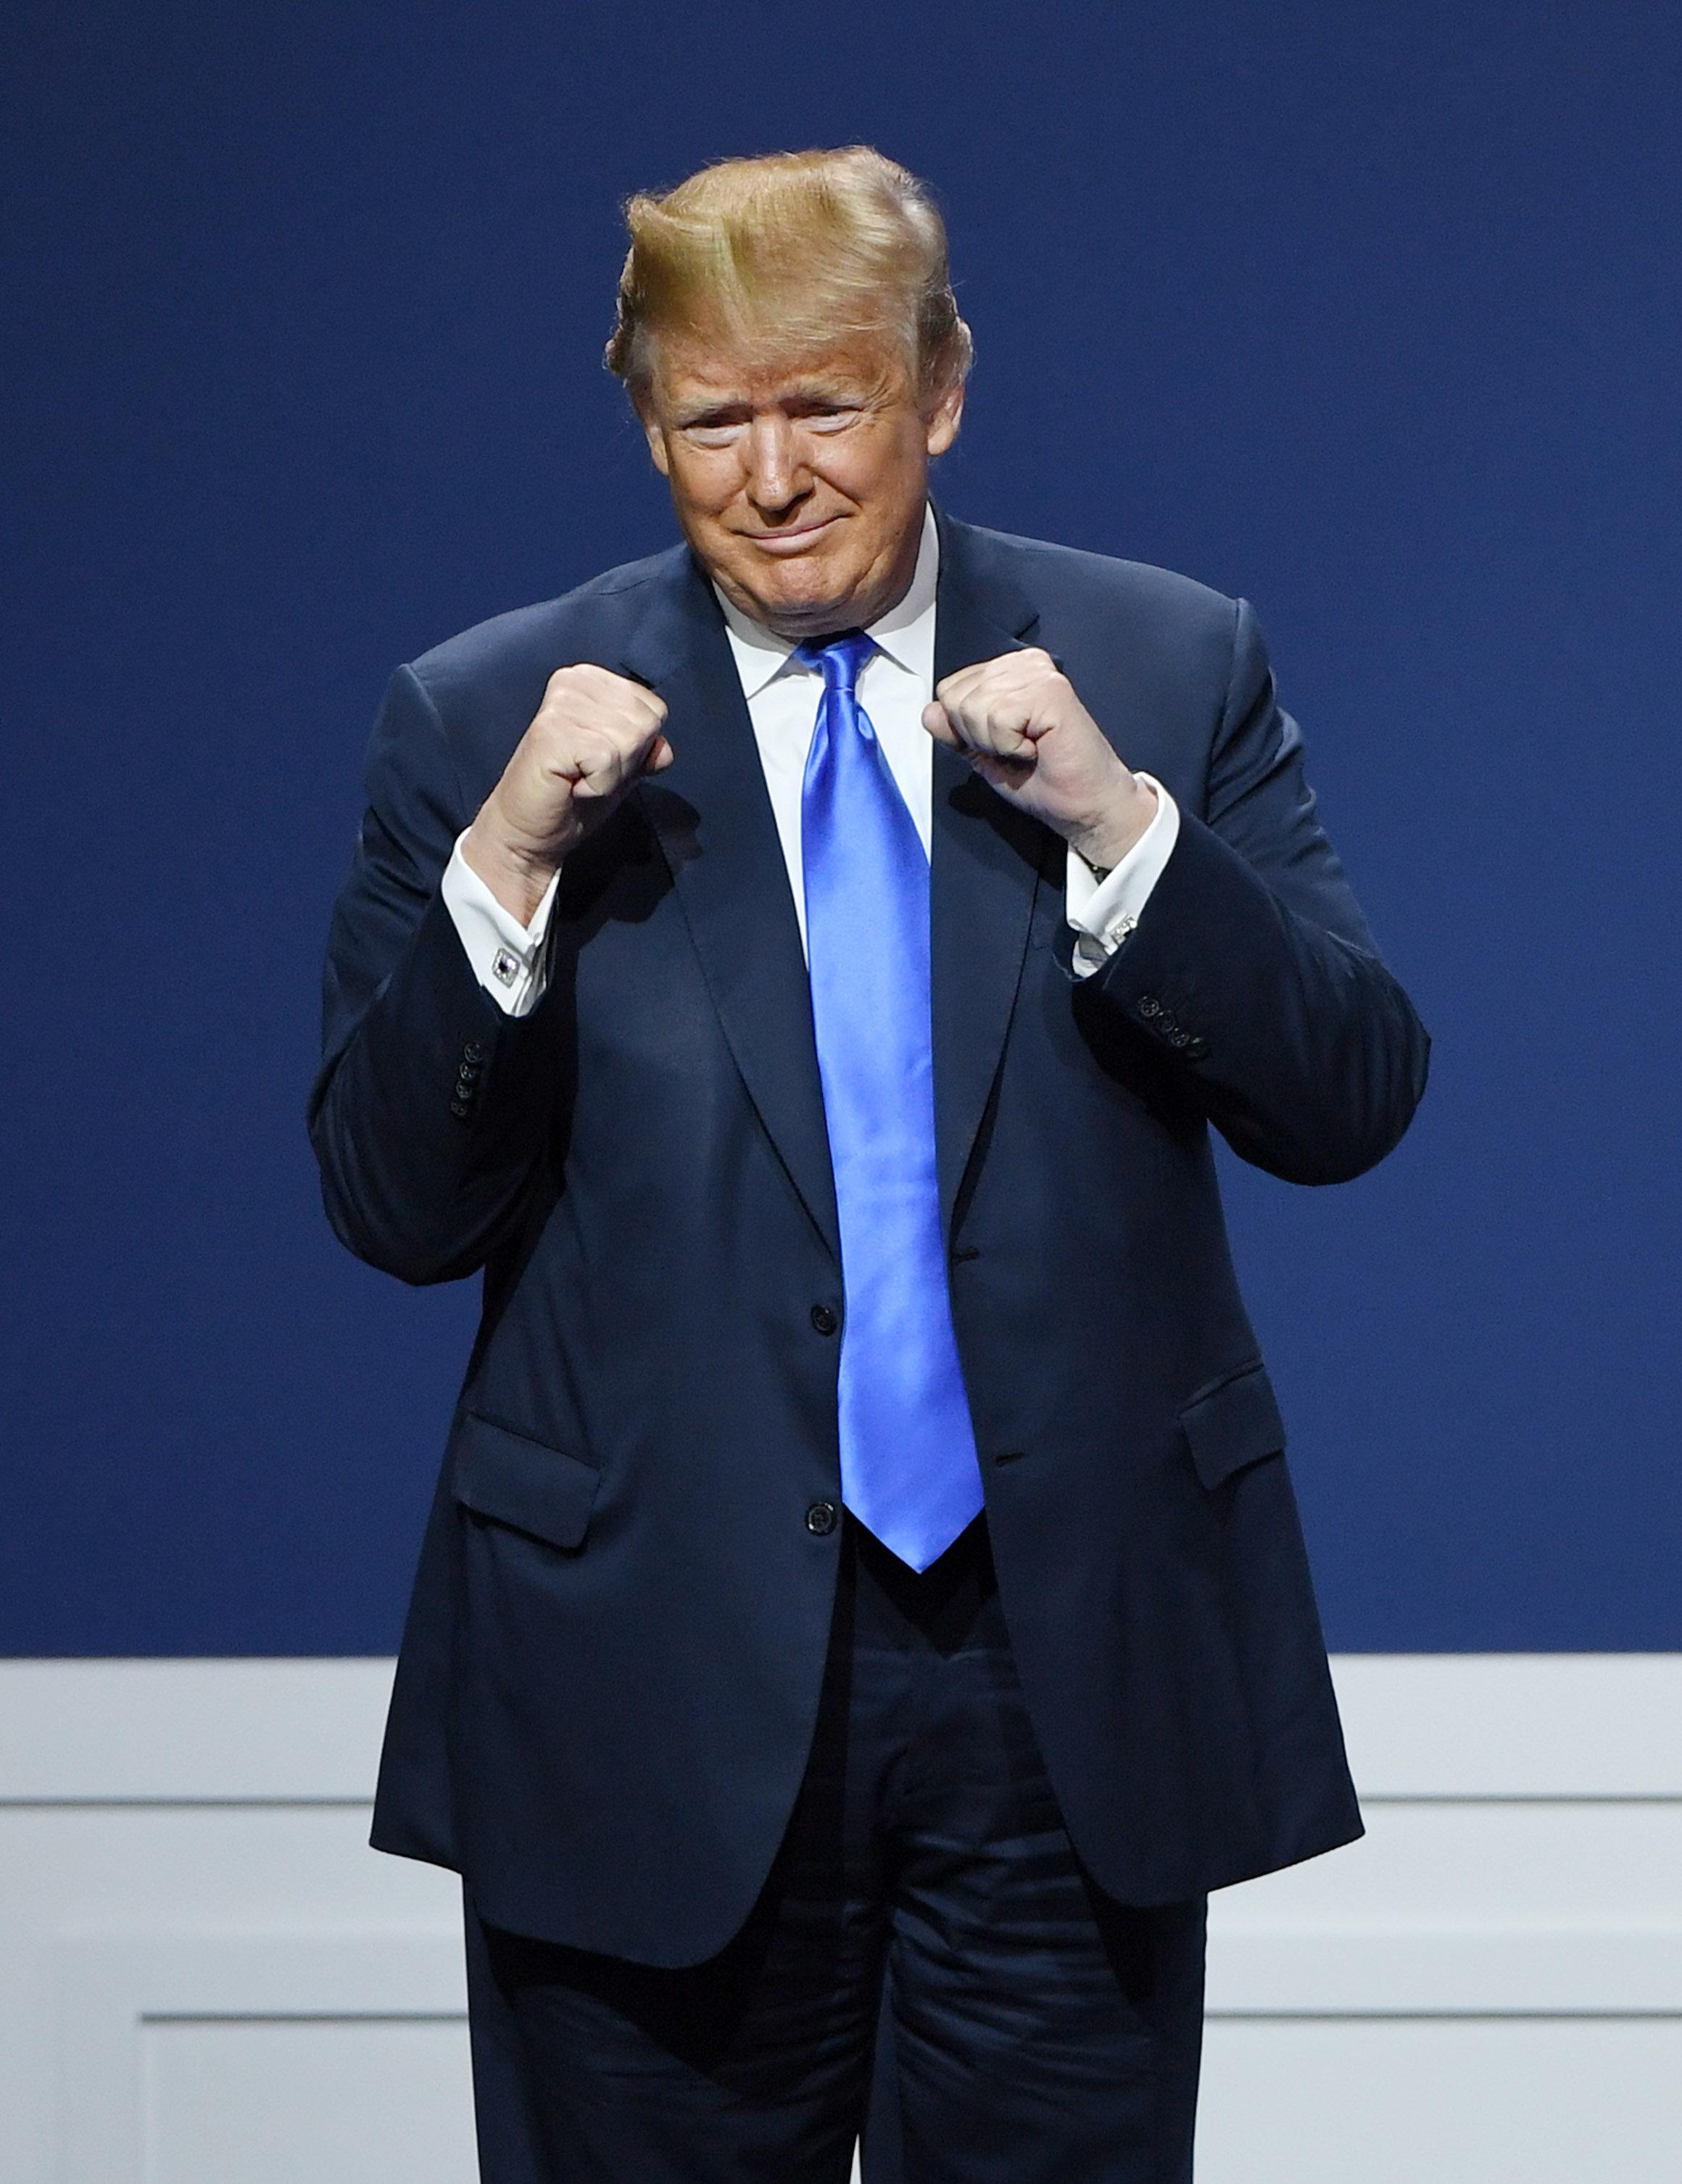 Le message (presque) sympa de Trump pour l'entrée en campagne de